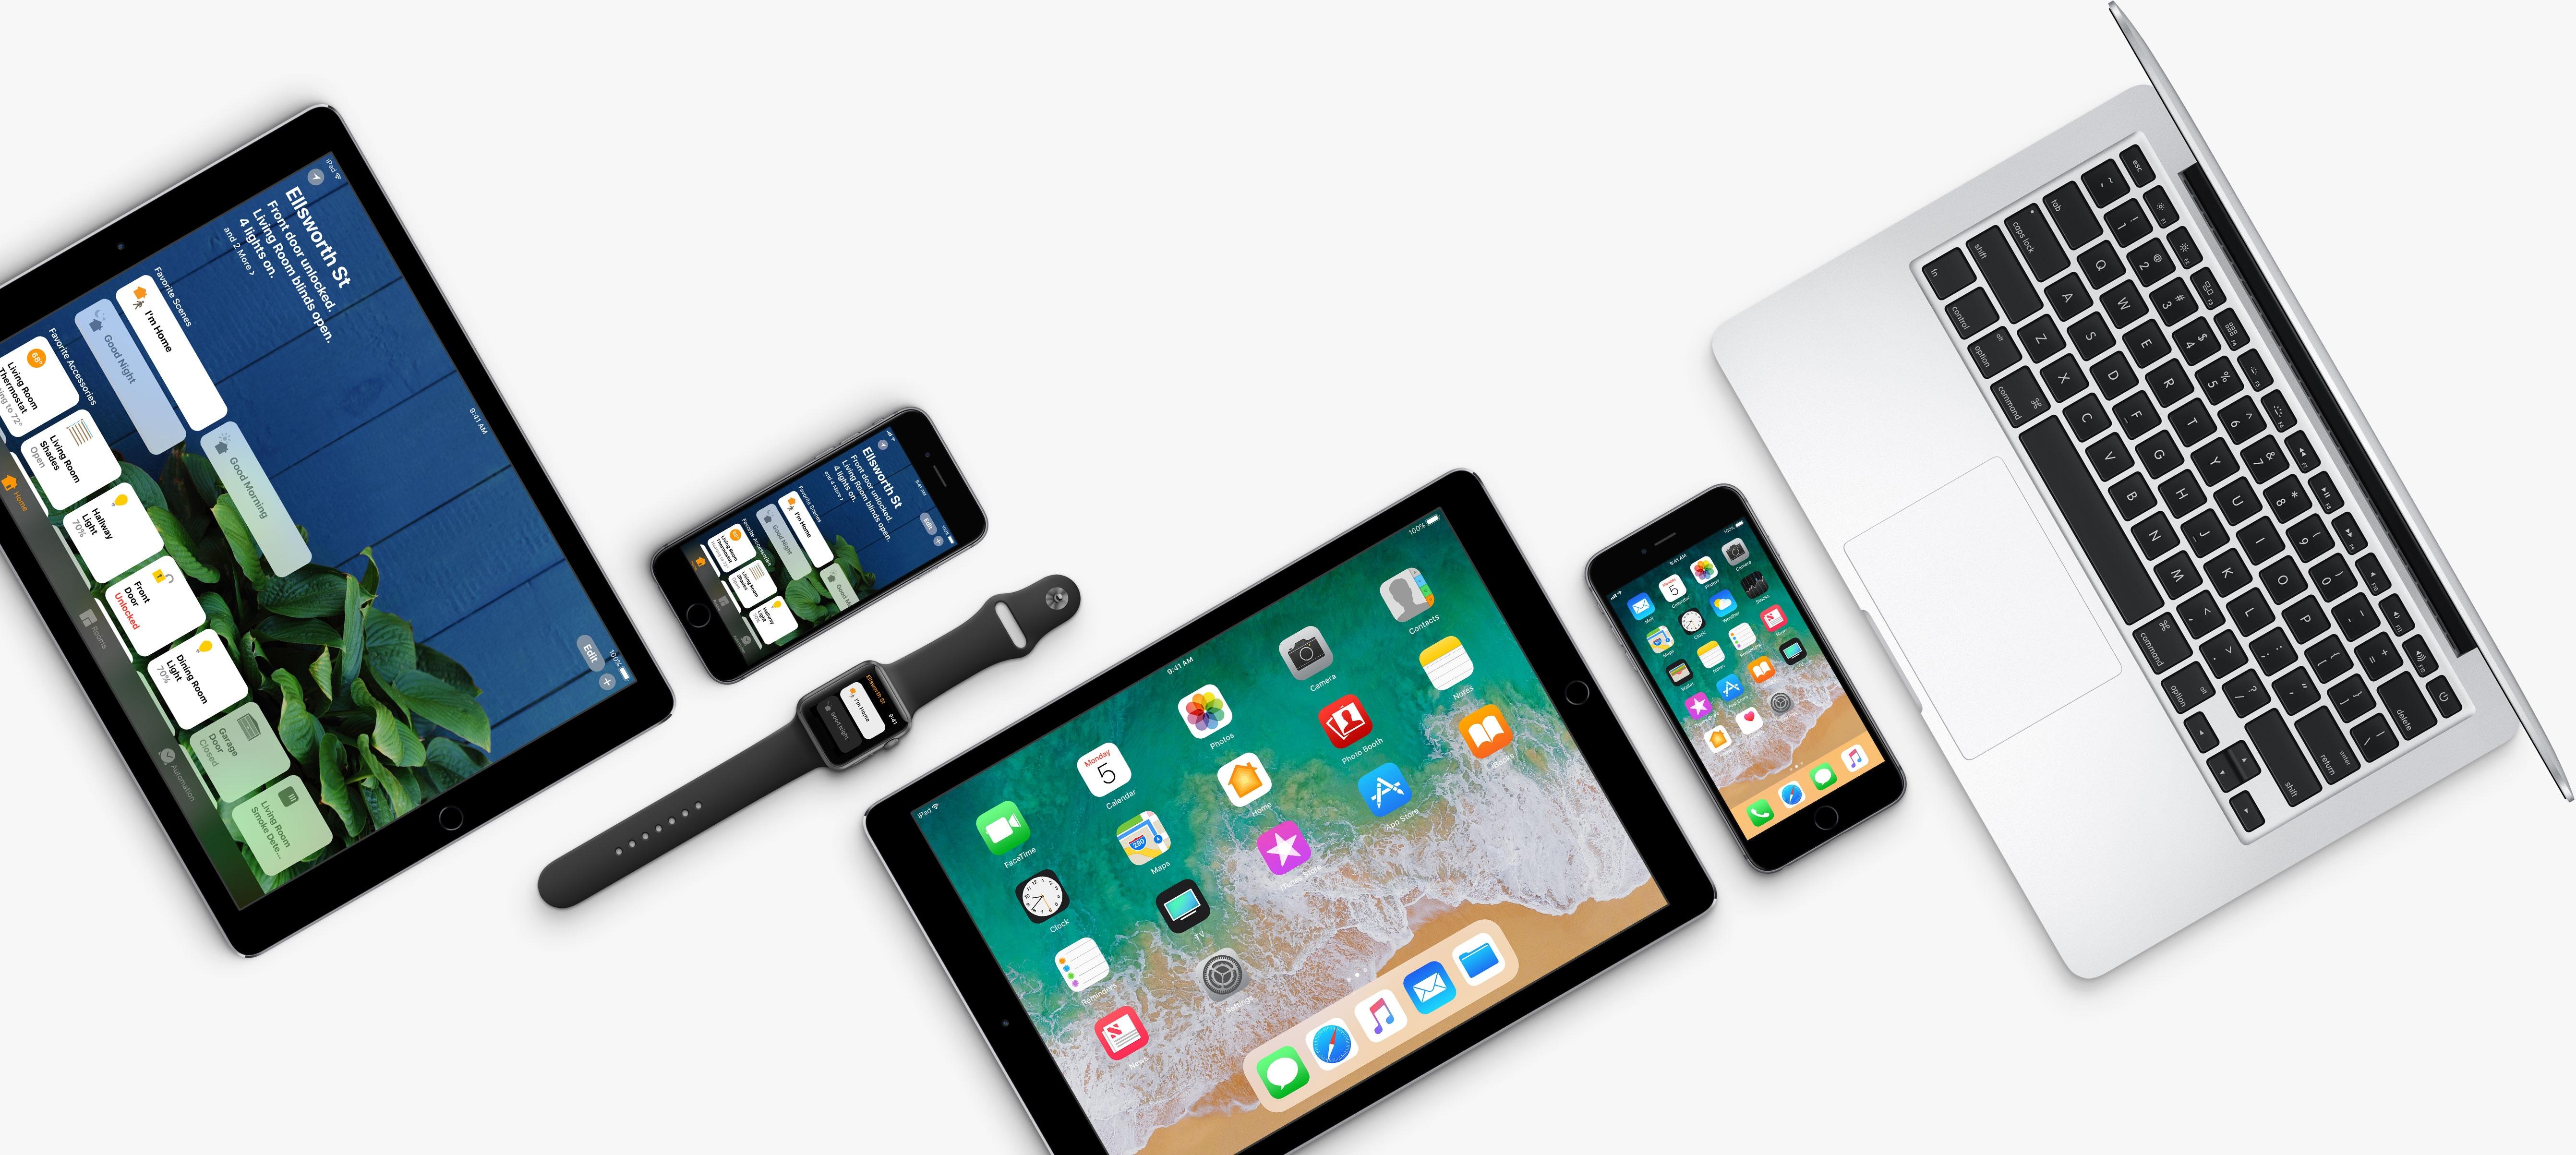 iPad, iPhone, Apple Watch e MacBook com os novos sistemas operacionais beta da Apple